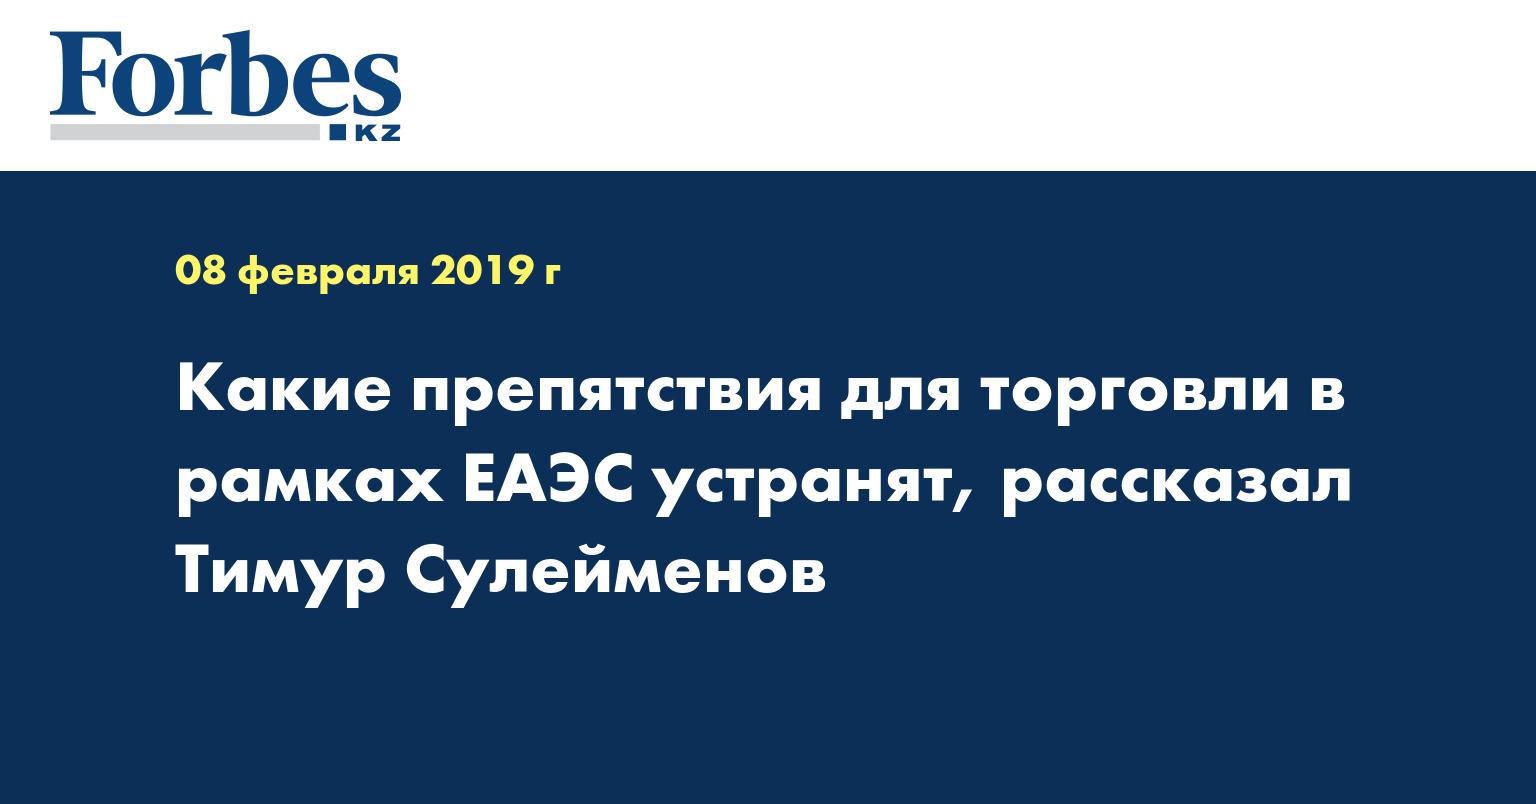 Какие препятствия для торговли в рамках ЕАЭС устранят, рассказал Тимур Сулейменов